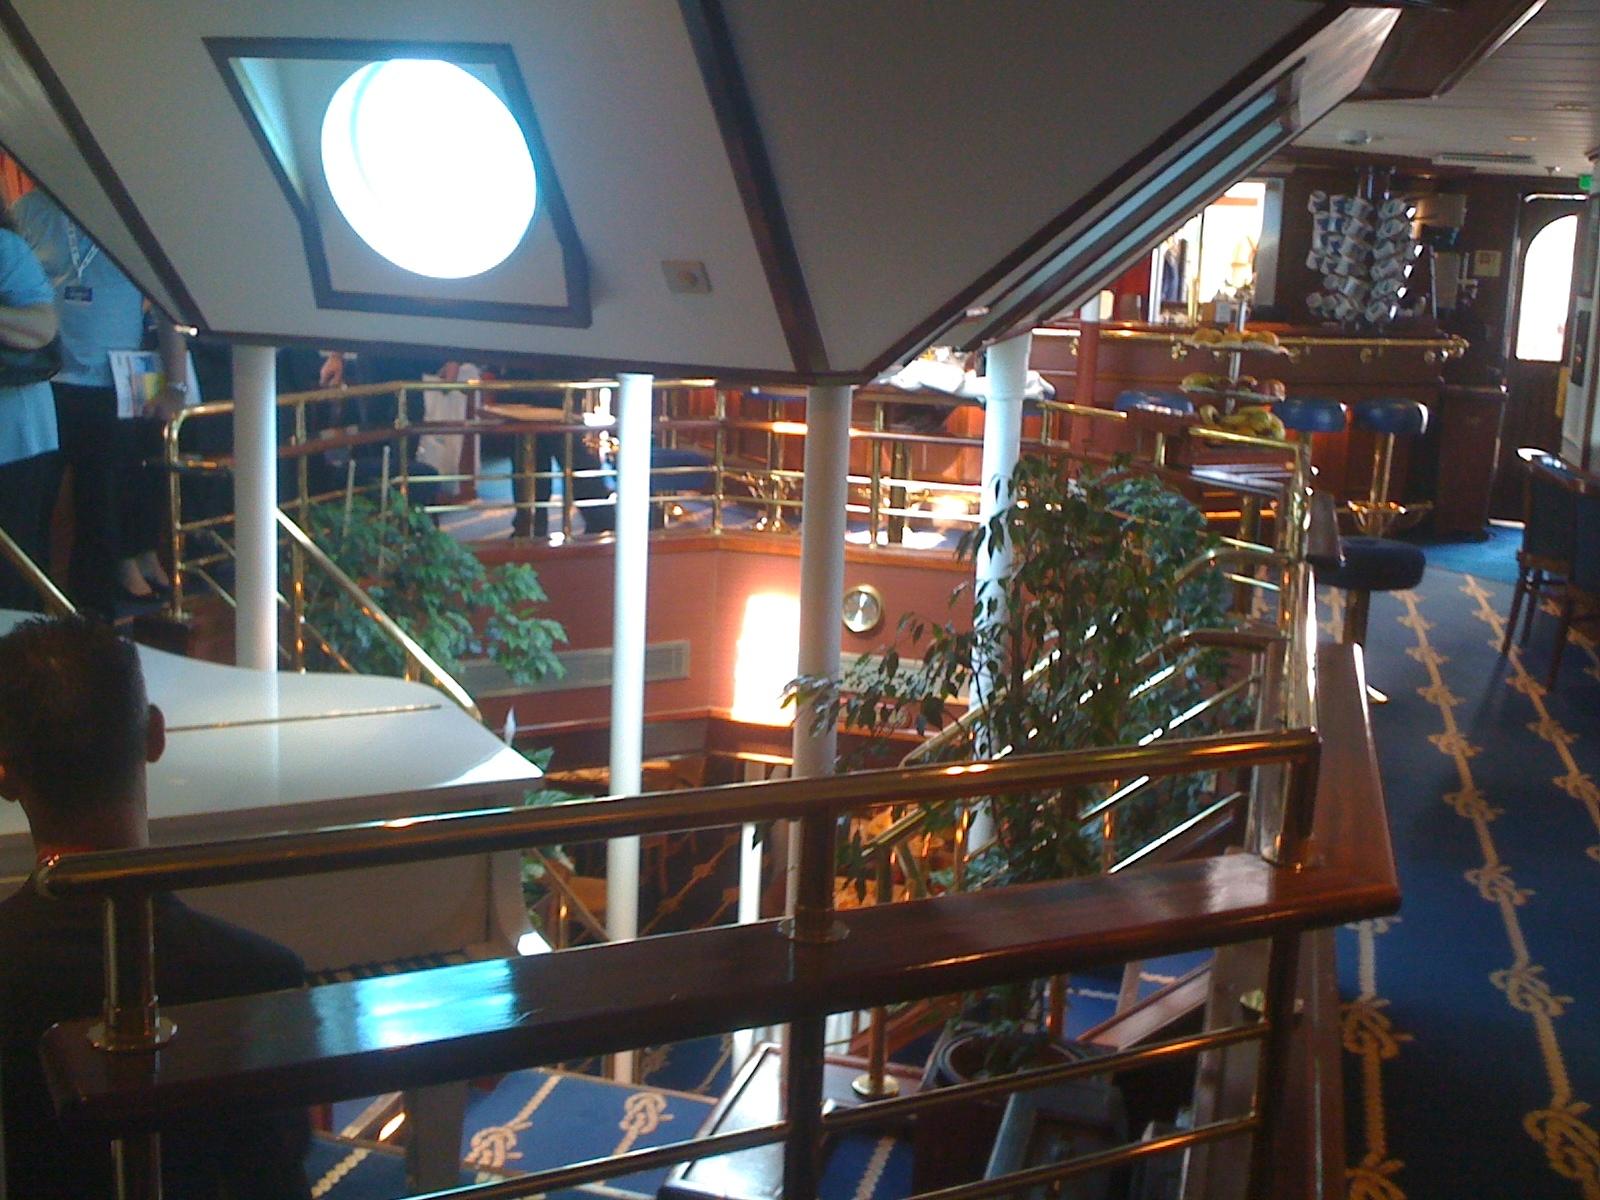 luxury Seabourn cruise ship